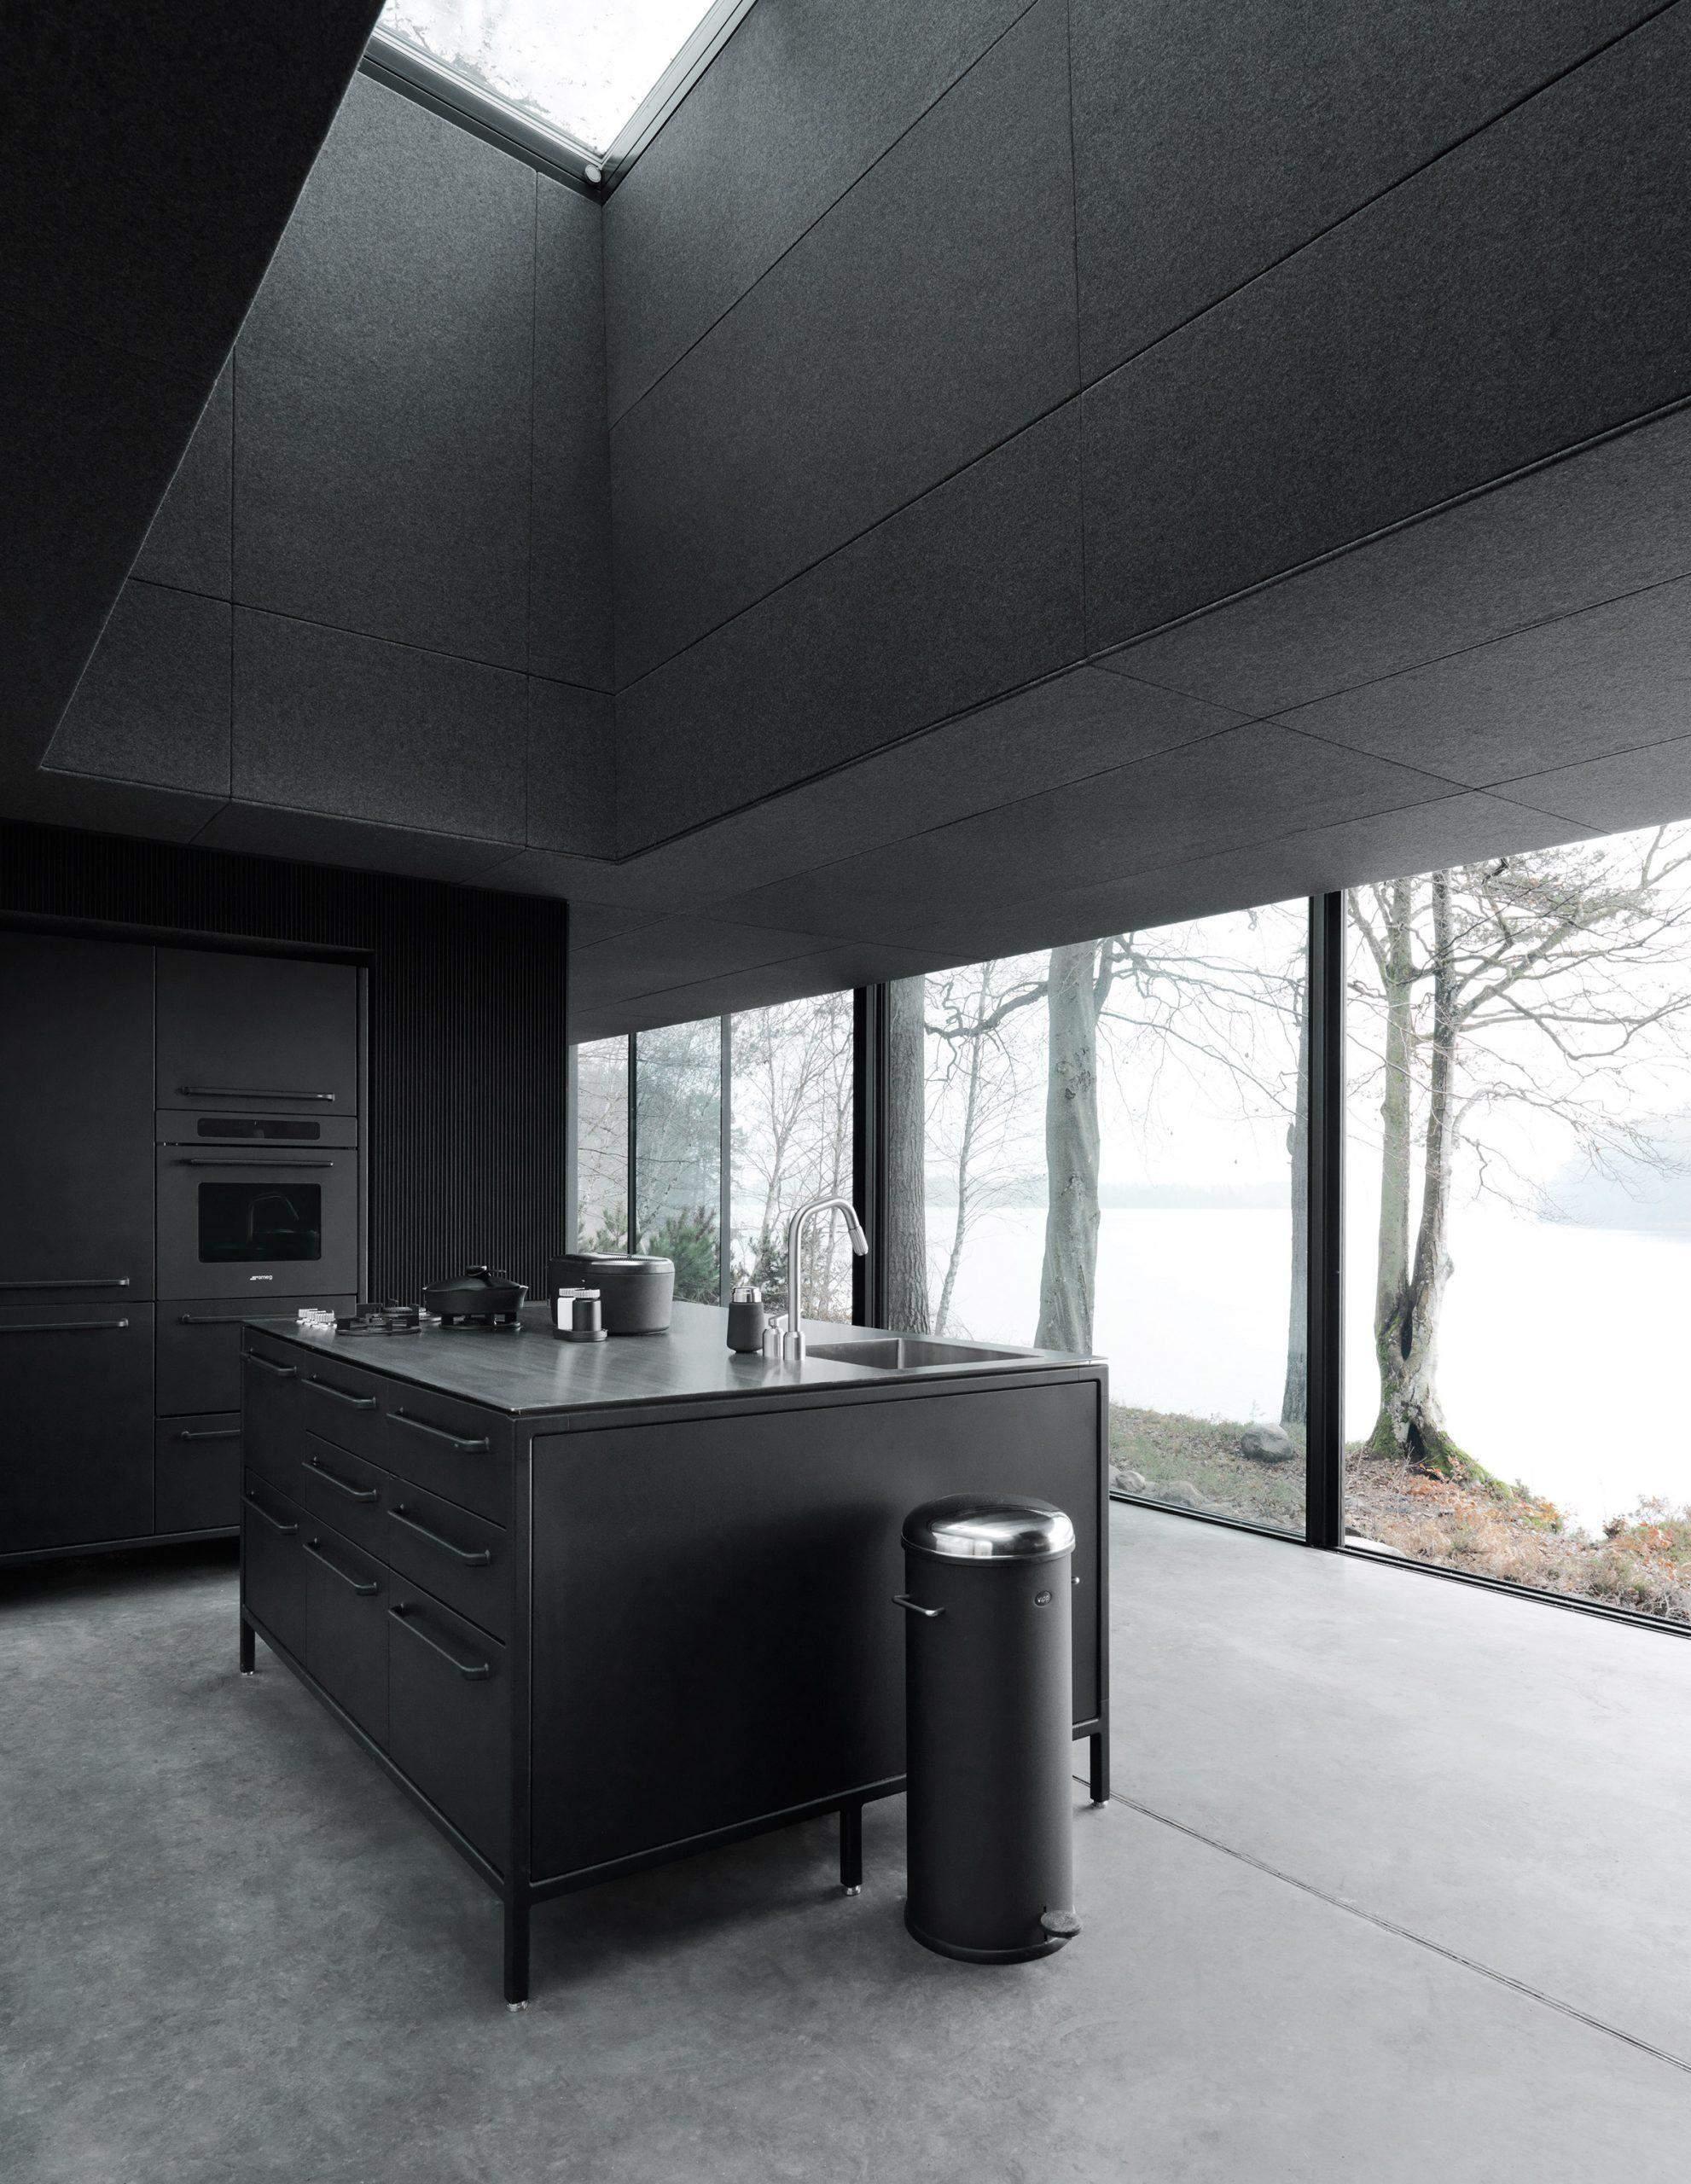 Кухня со встроенной мебелью черного цвета